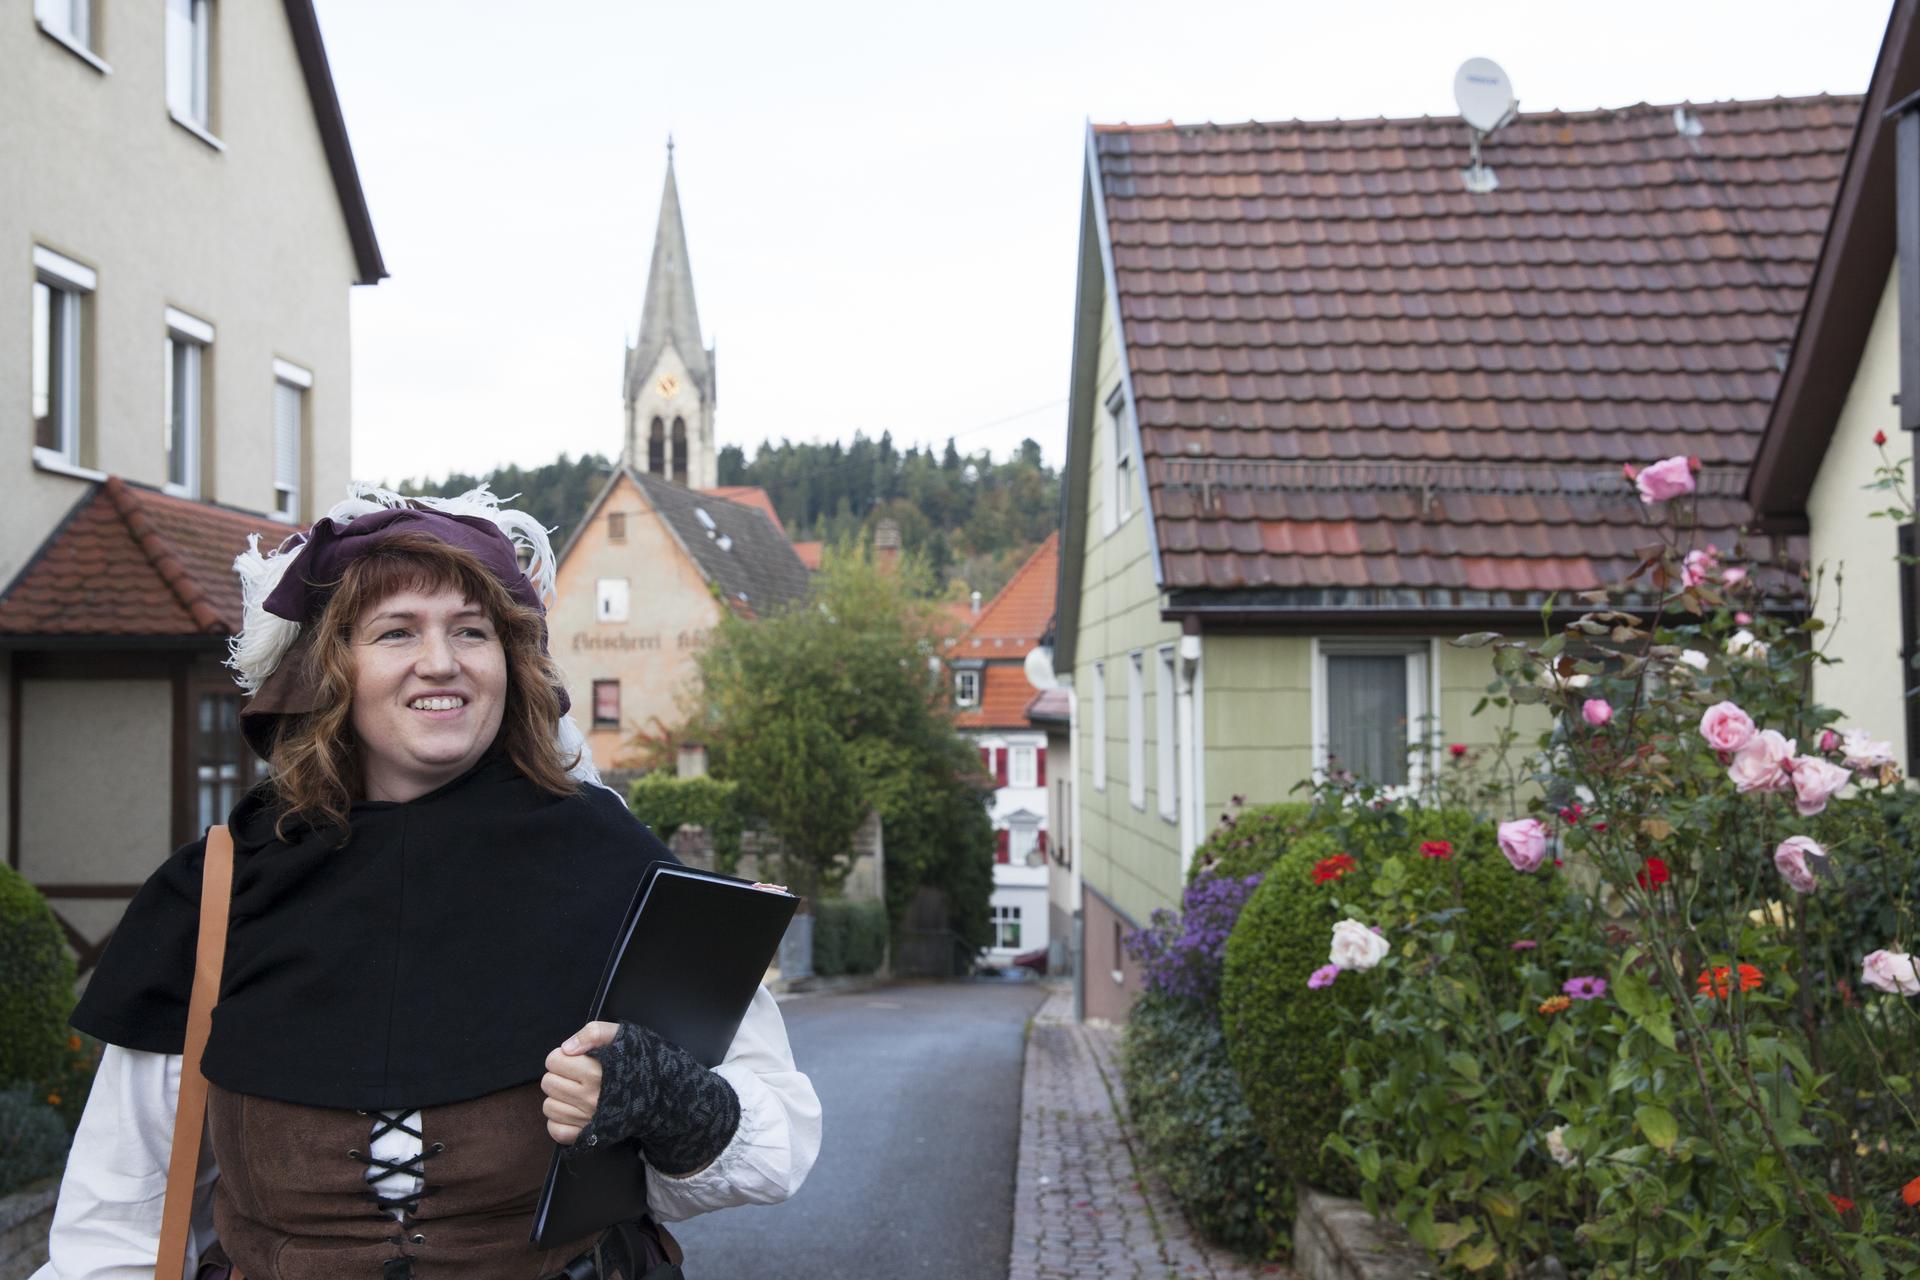 Eine Person in einem mittelalterlichem Kostüm schlendert grinsend durch die Straßen einer Stadt. Im Hintergrund ist der Kirchturm.